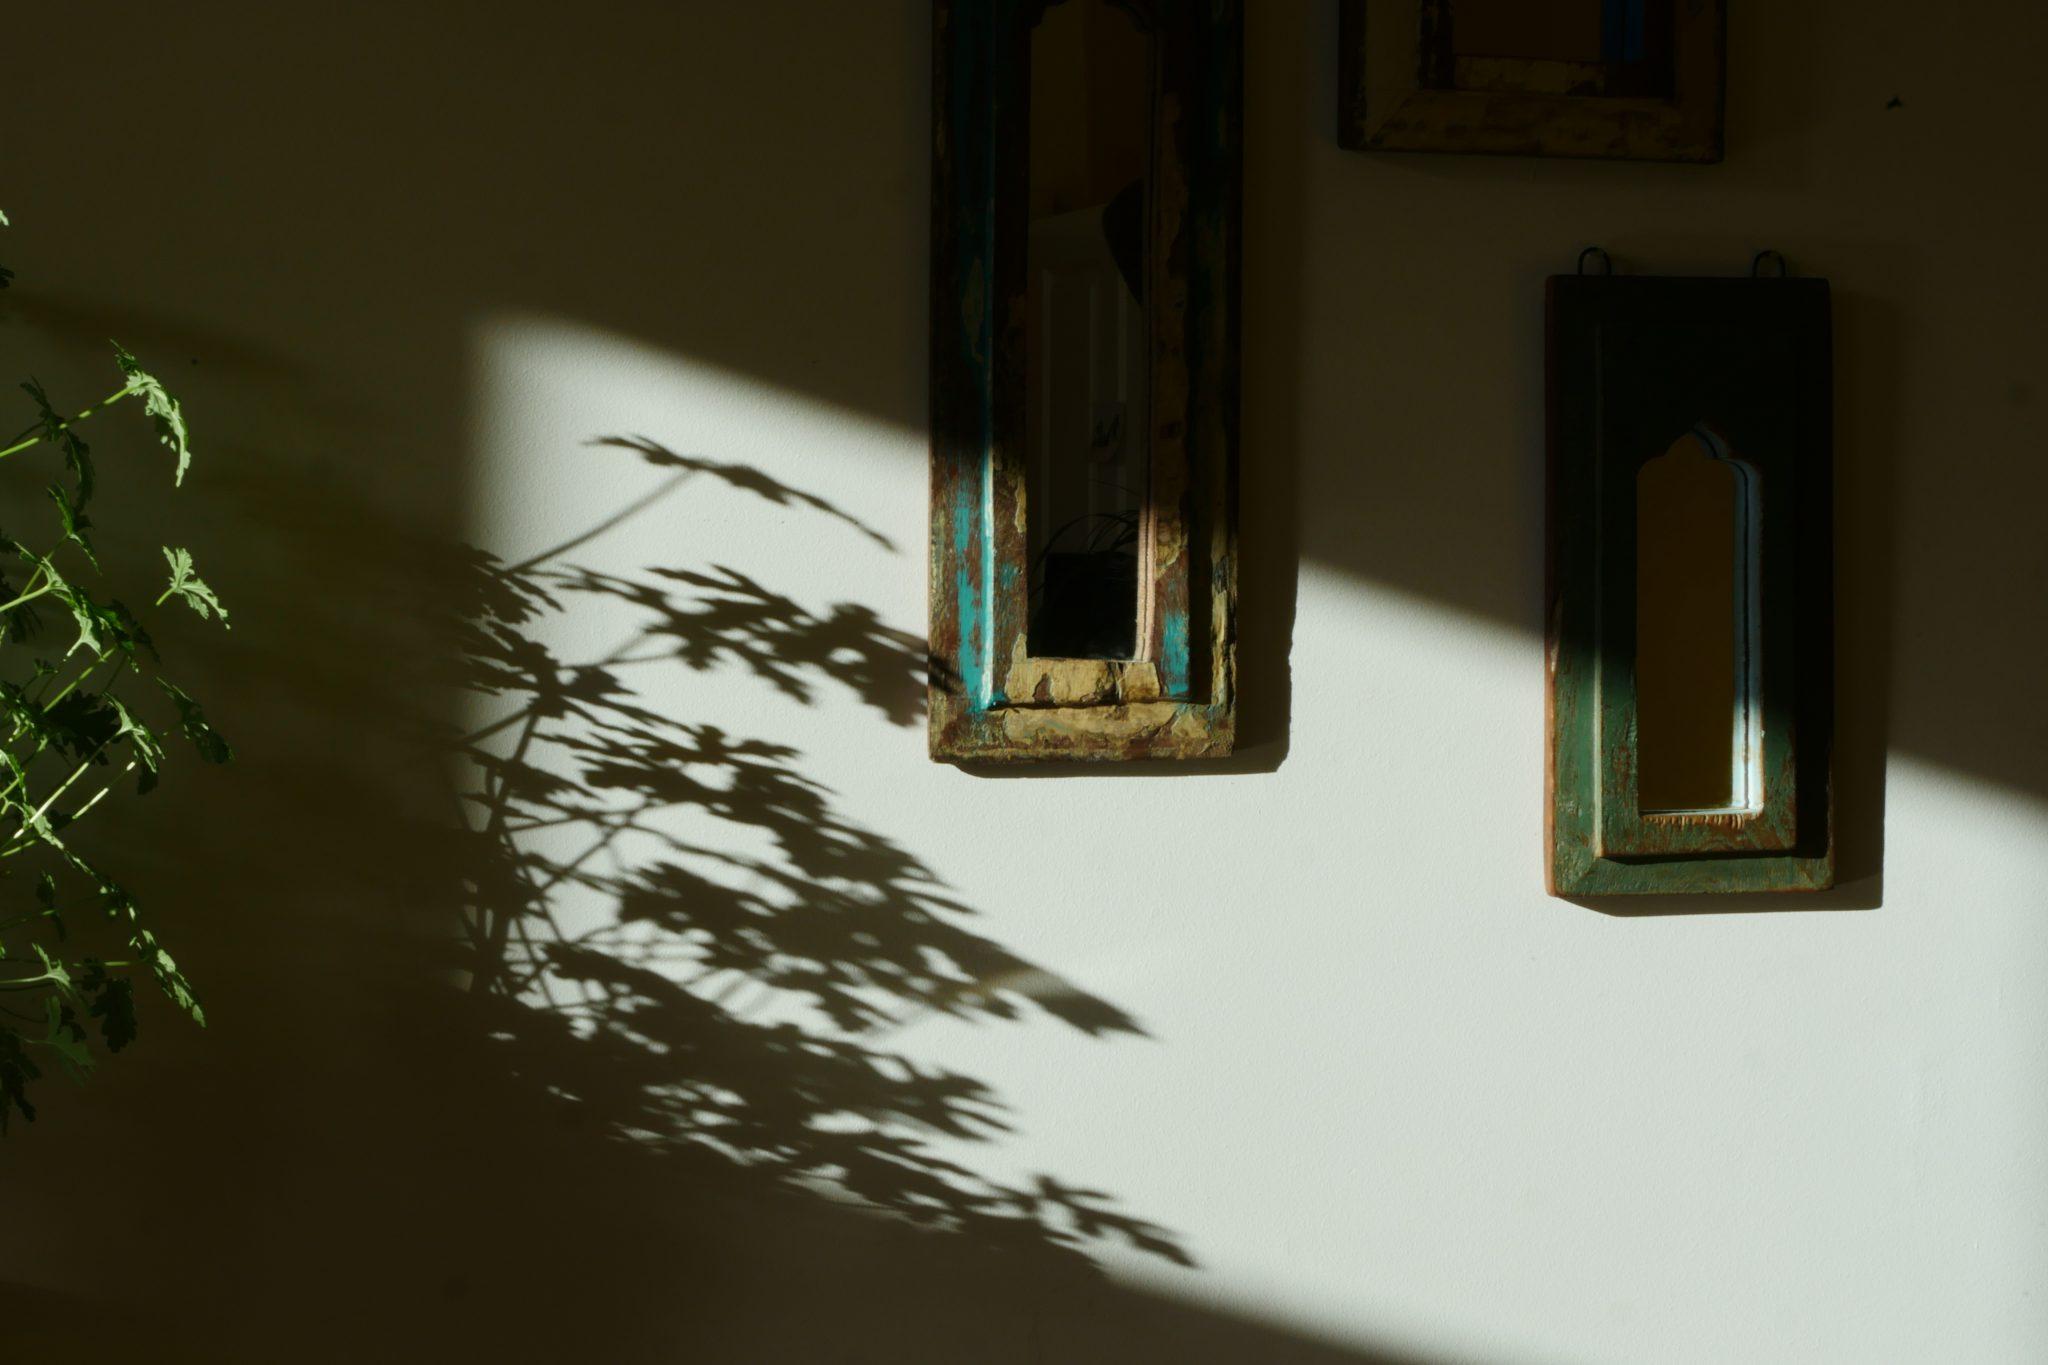 Der Schatten des Lebens